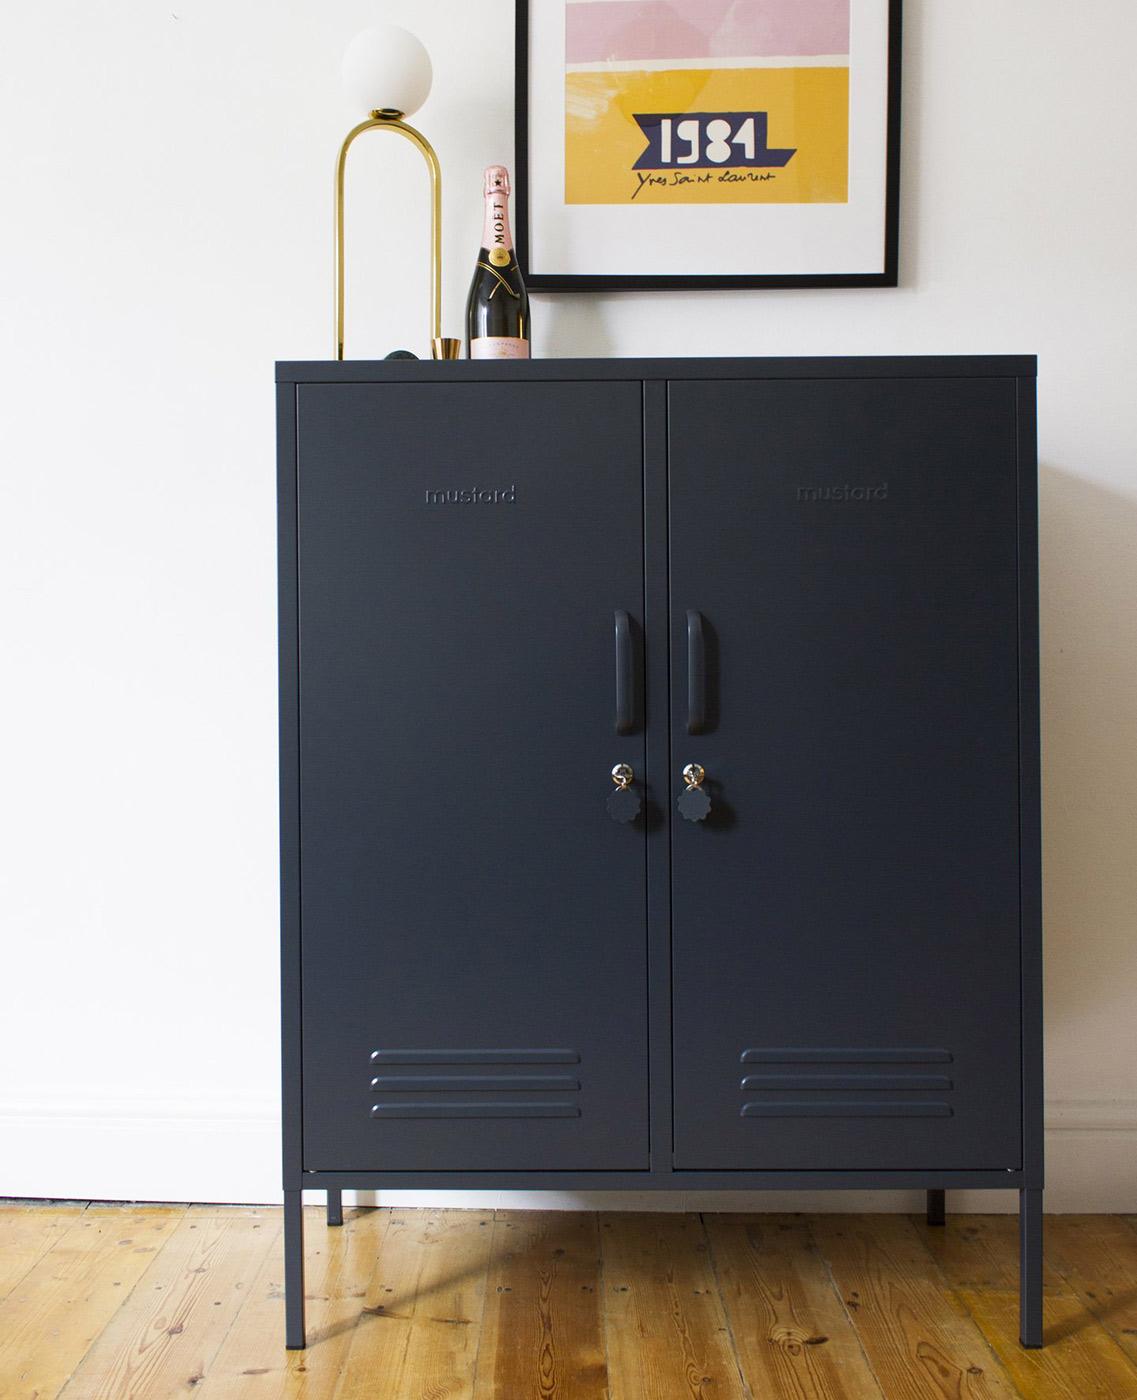 Midi locker in slate grey - Bedroom Storage